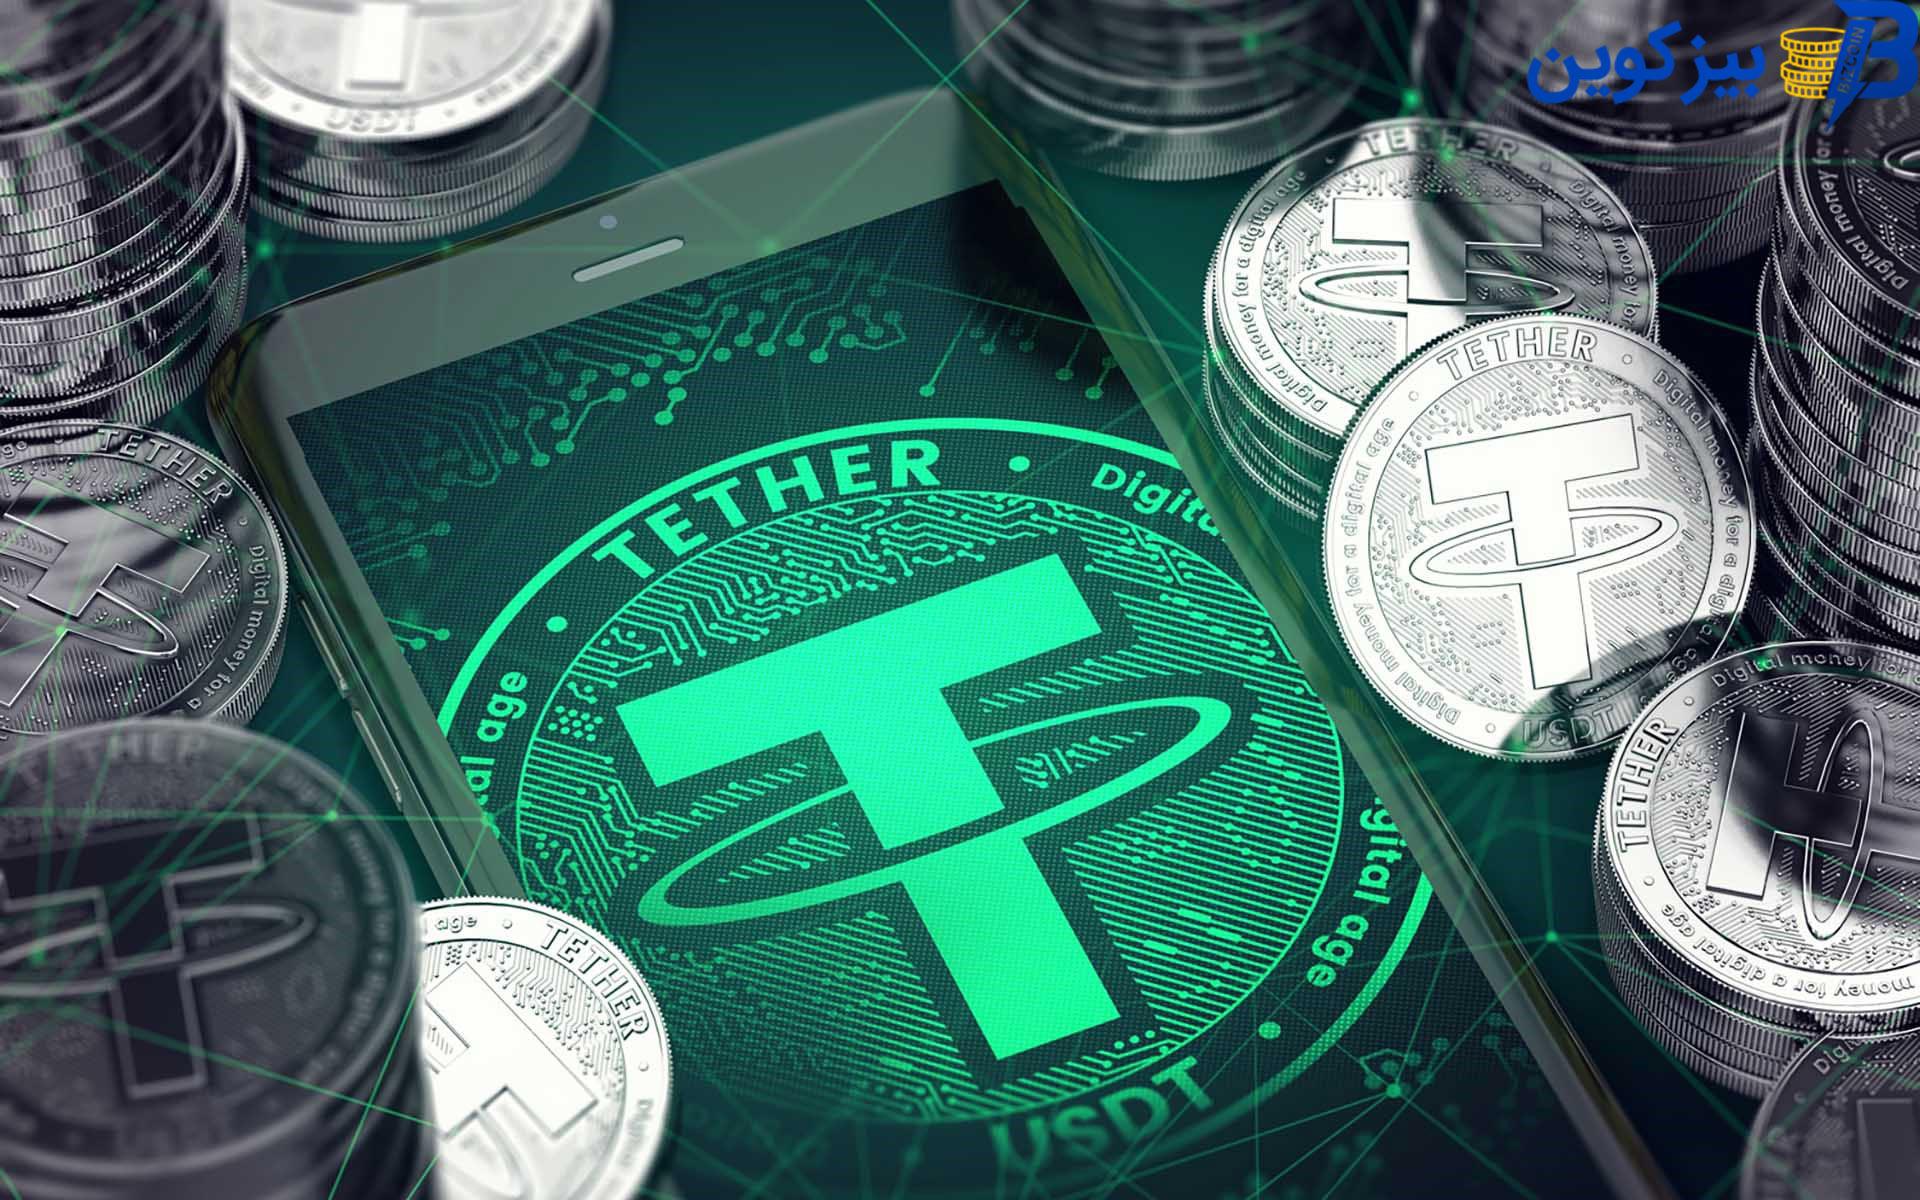 sell tether فروش تتر در دنیای ارز دیجیتال چگونه انجام می شود؟